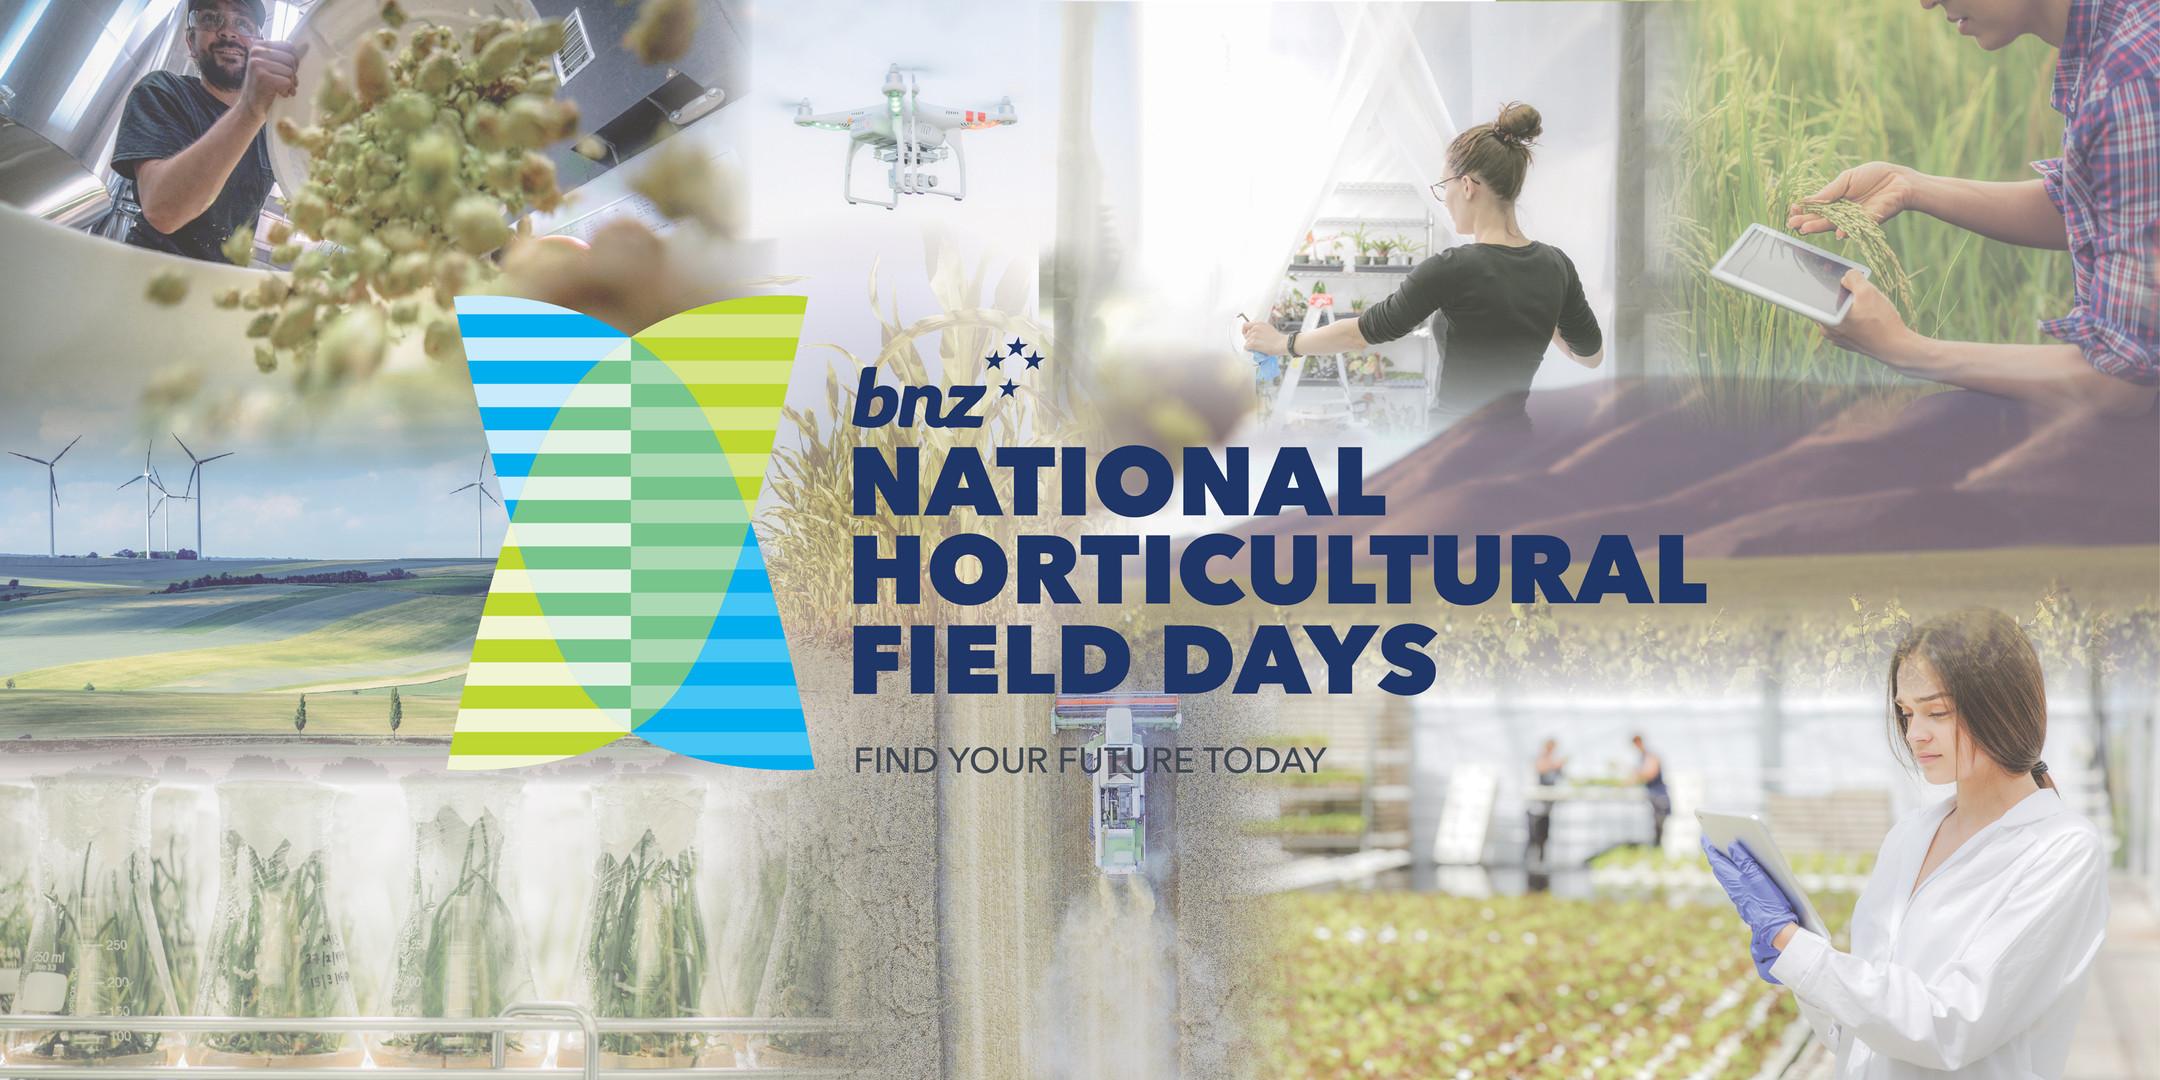 BNZ National Horticultural Field Days